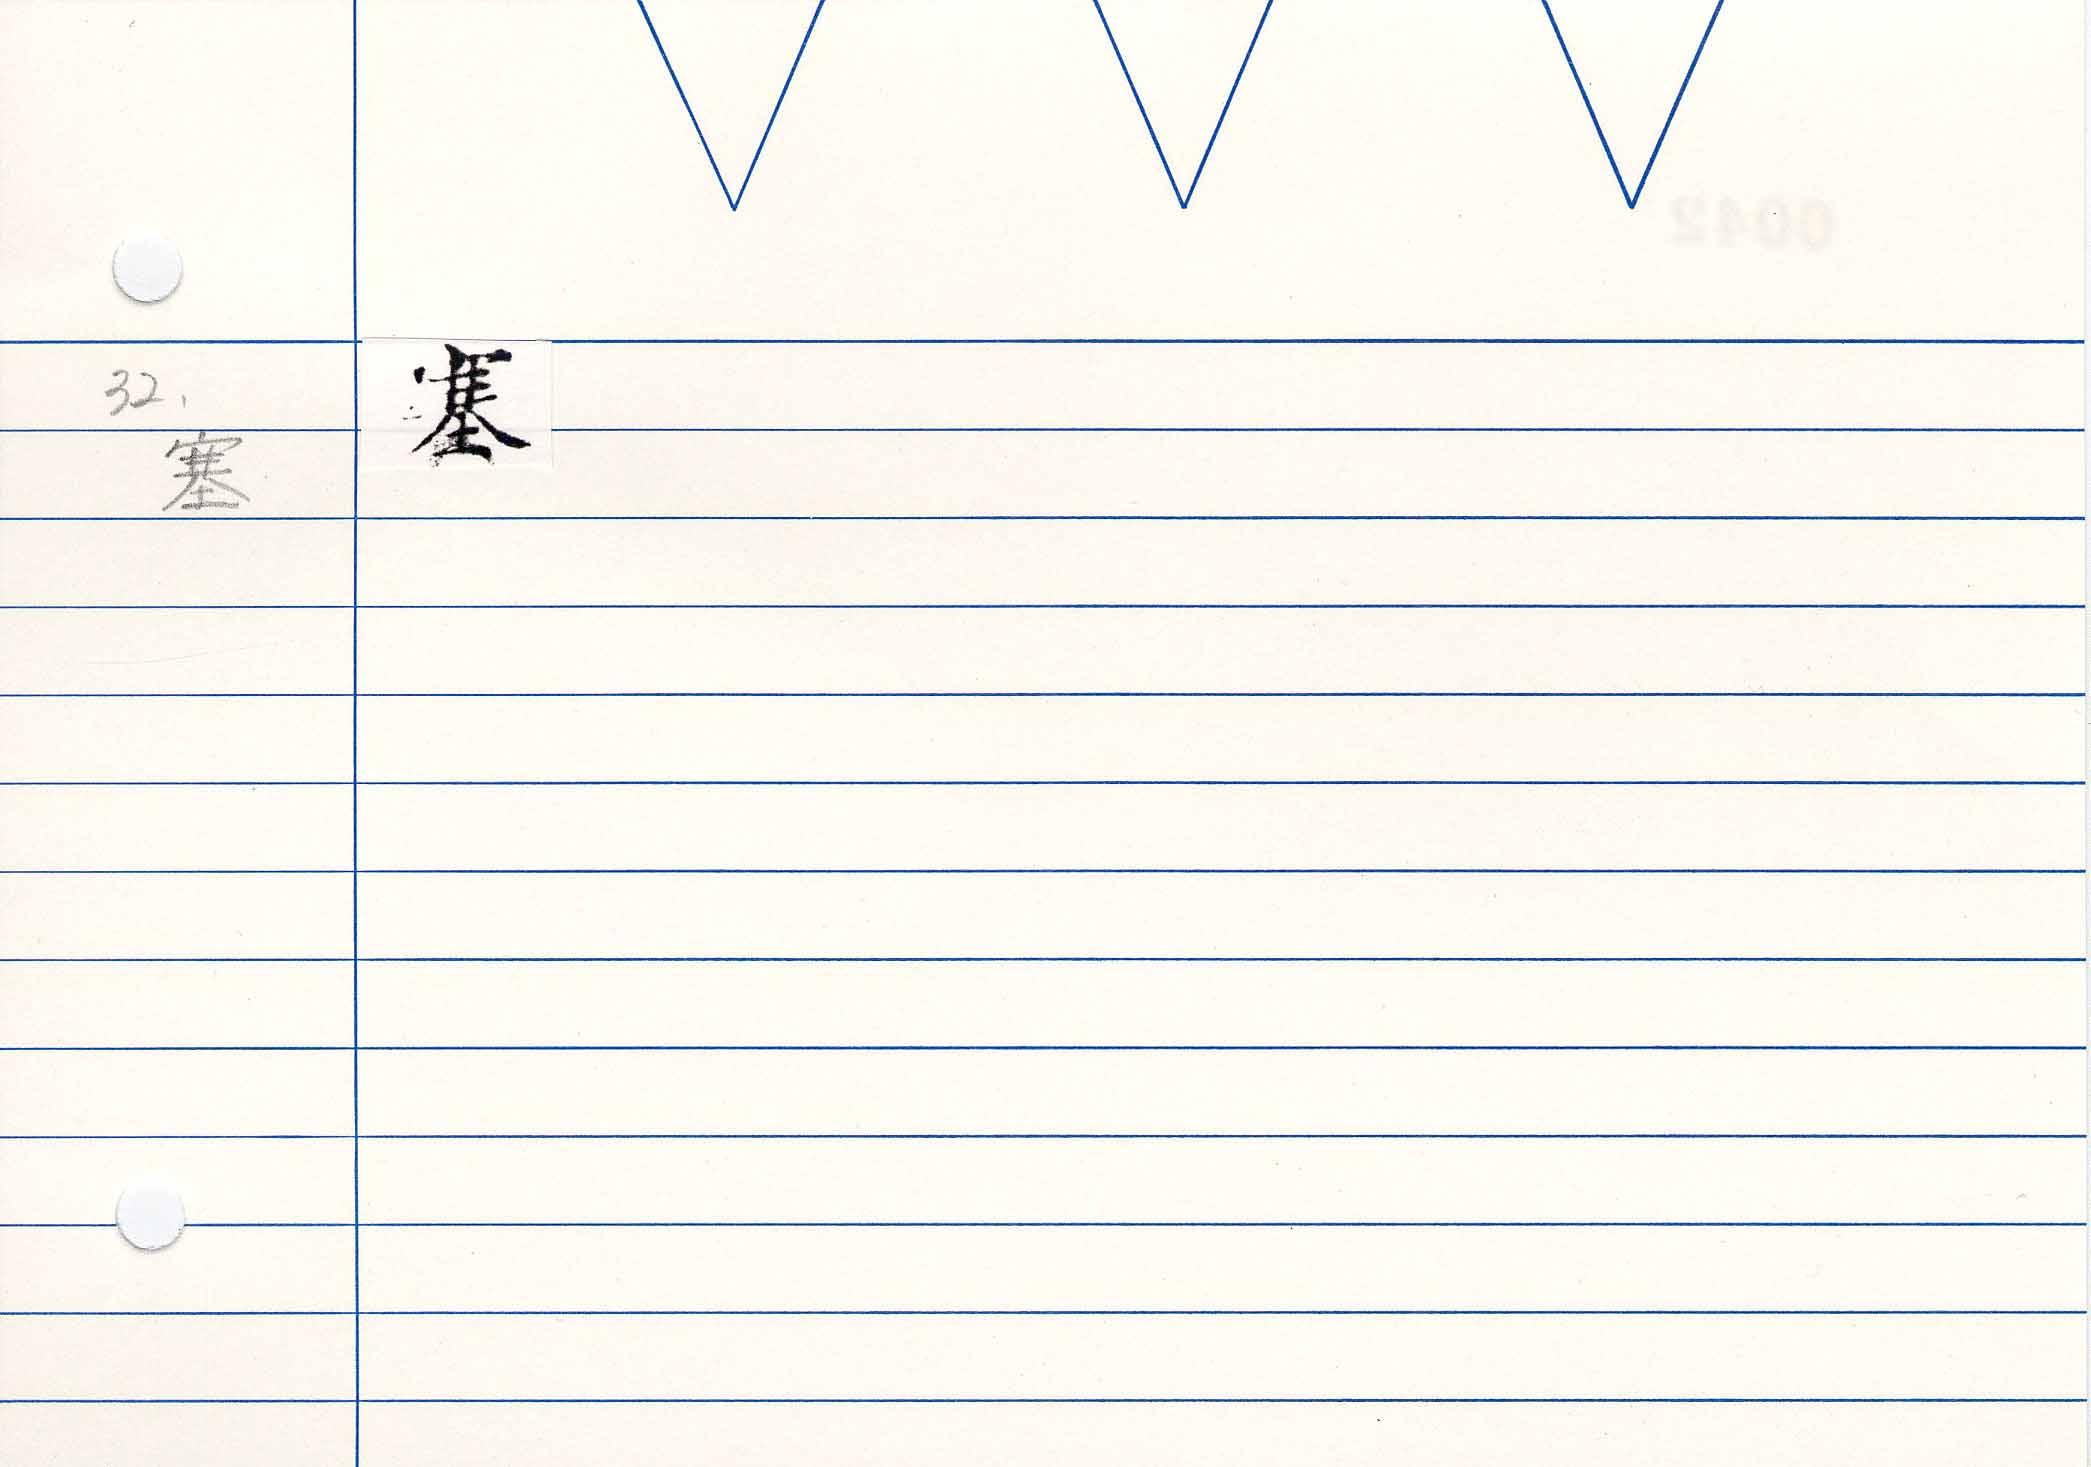 13_妙法蓮華經卷八(S.2577)/cards/0042.jpg